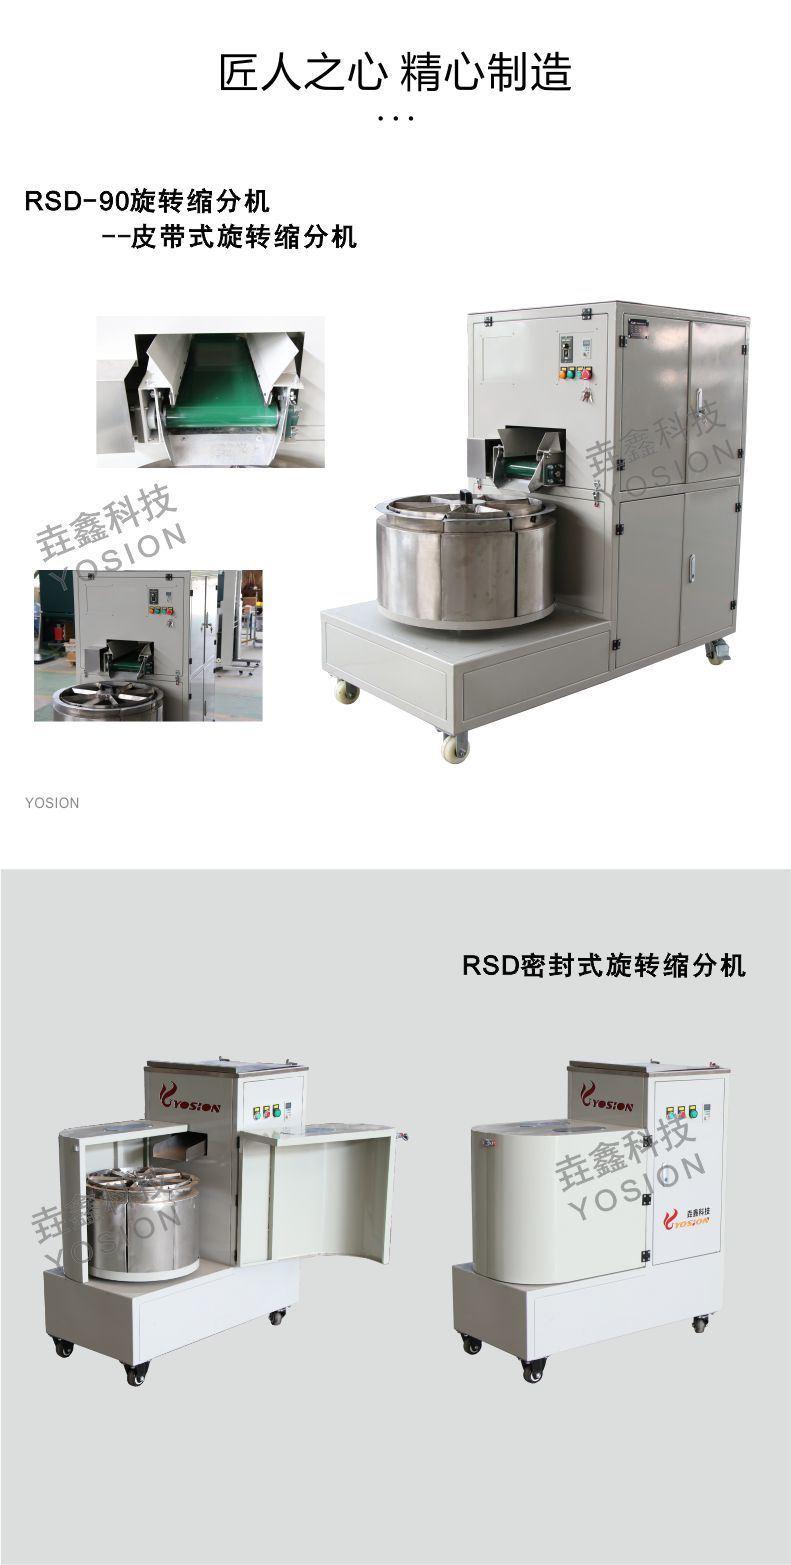 旋转缩分机5-青岛垚鑫科技www.yosionlab.com